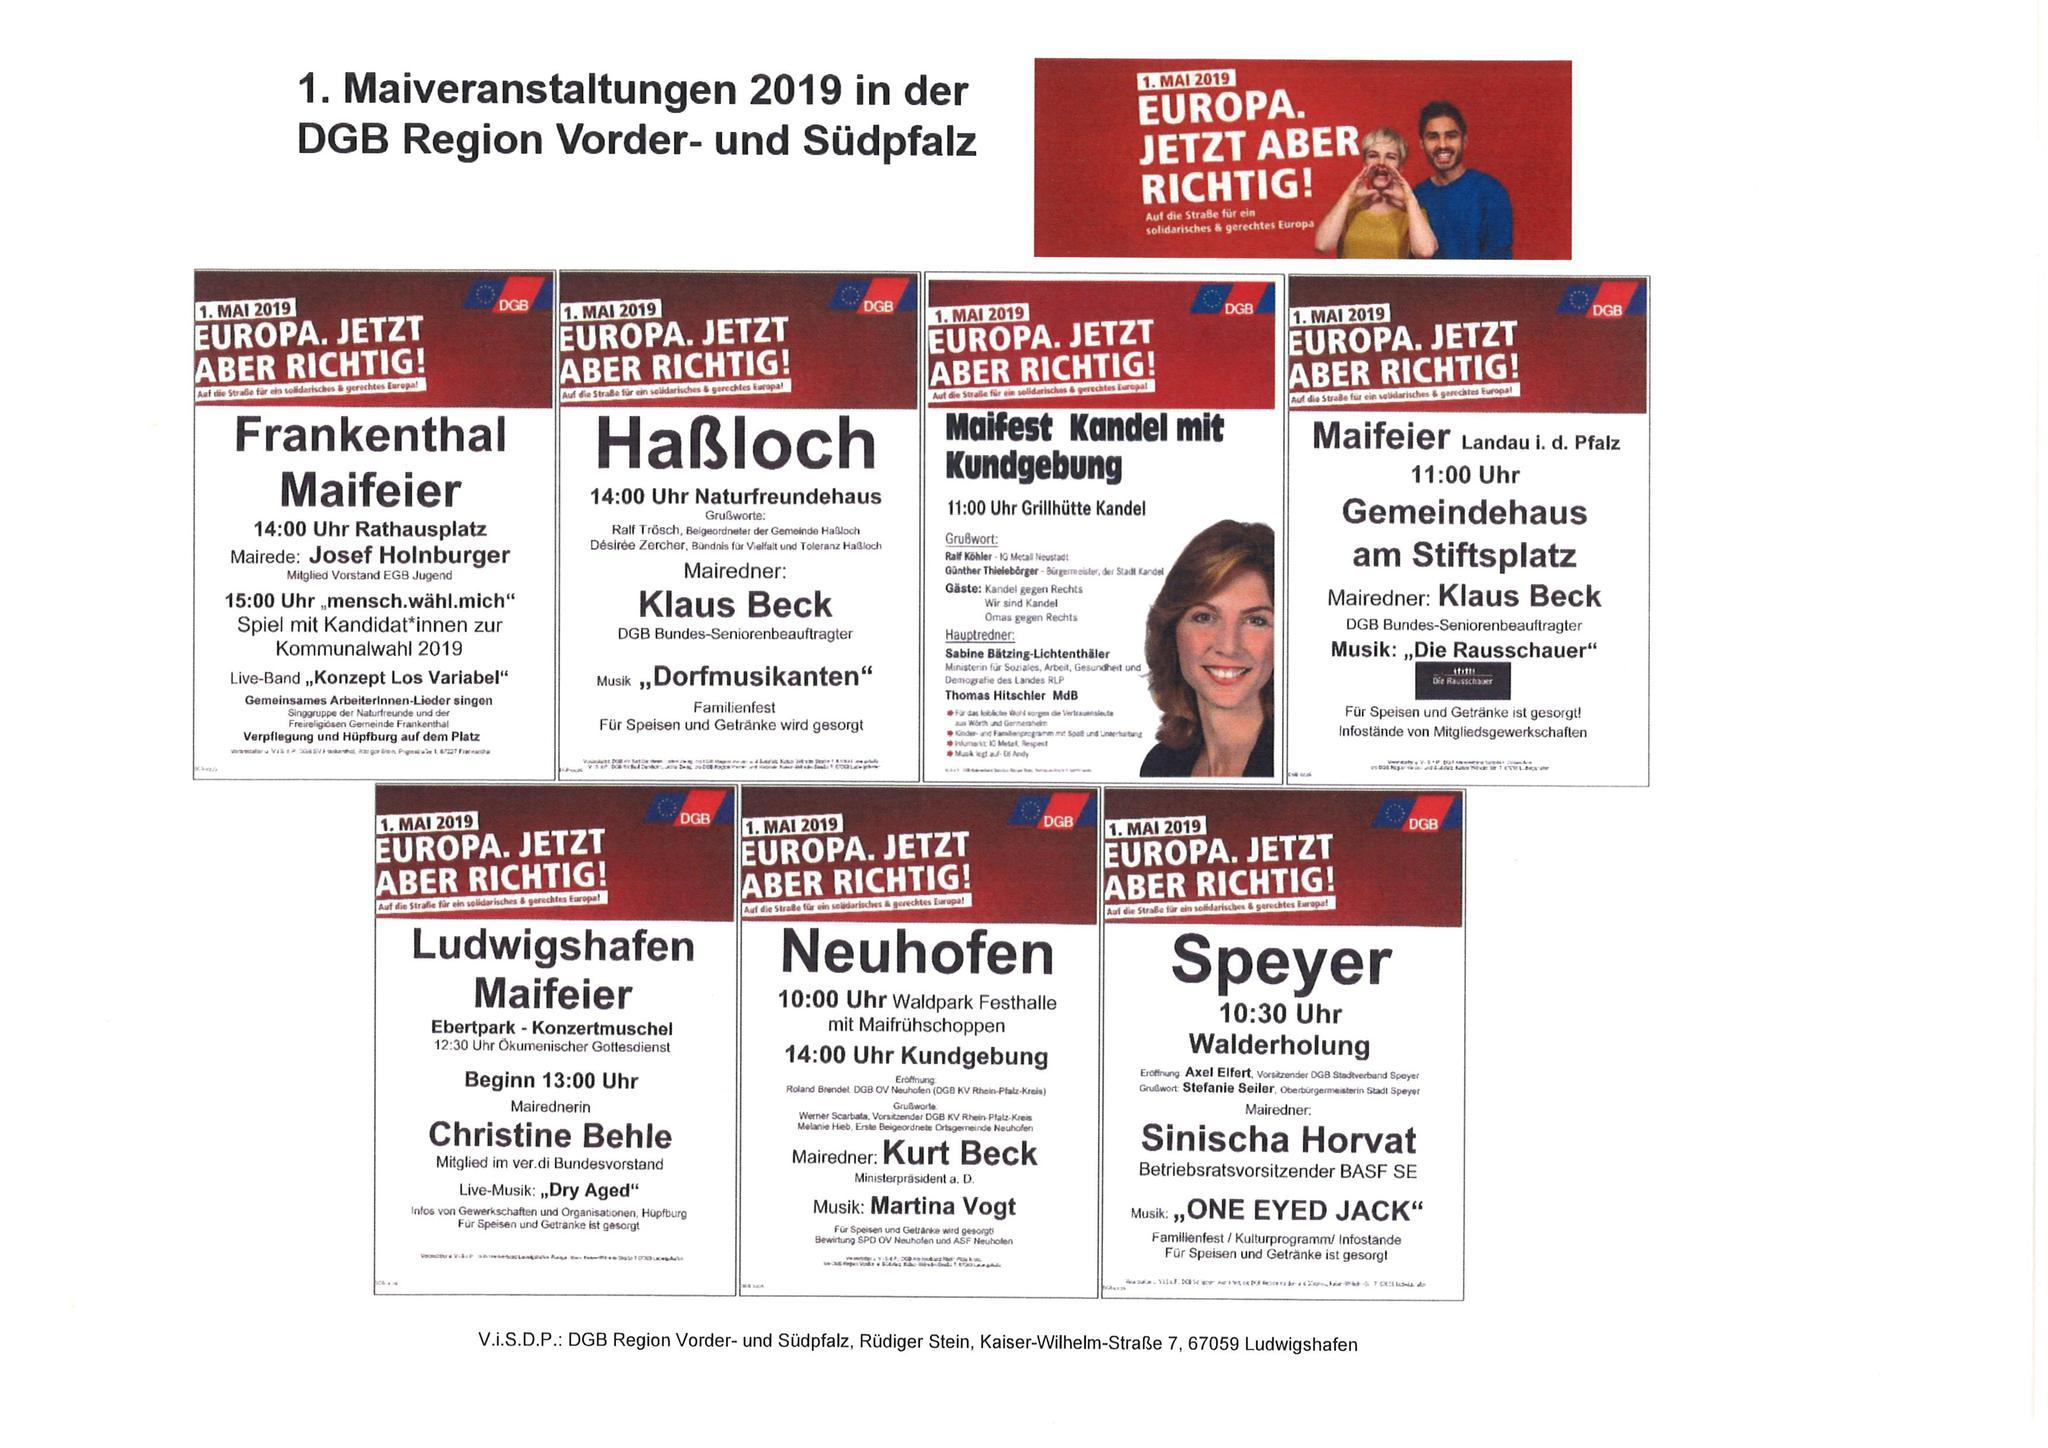 Übersicht Maiveranstaltungen DGB Region Vorder- und Südpfalz